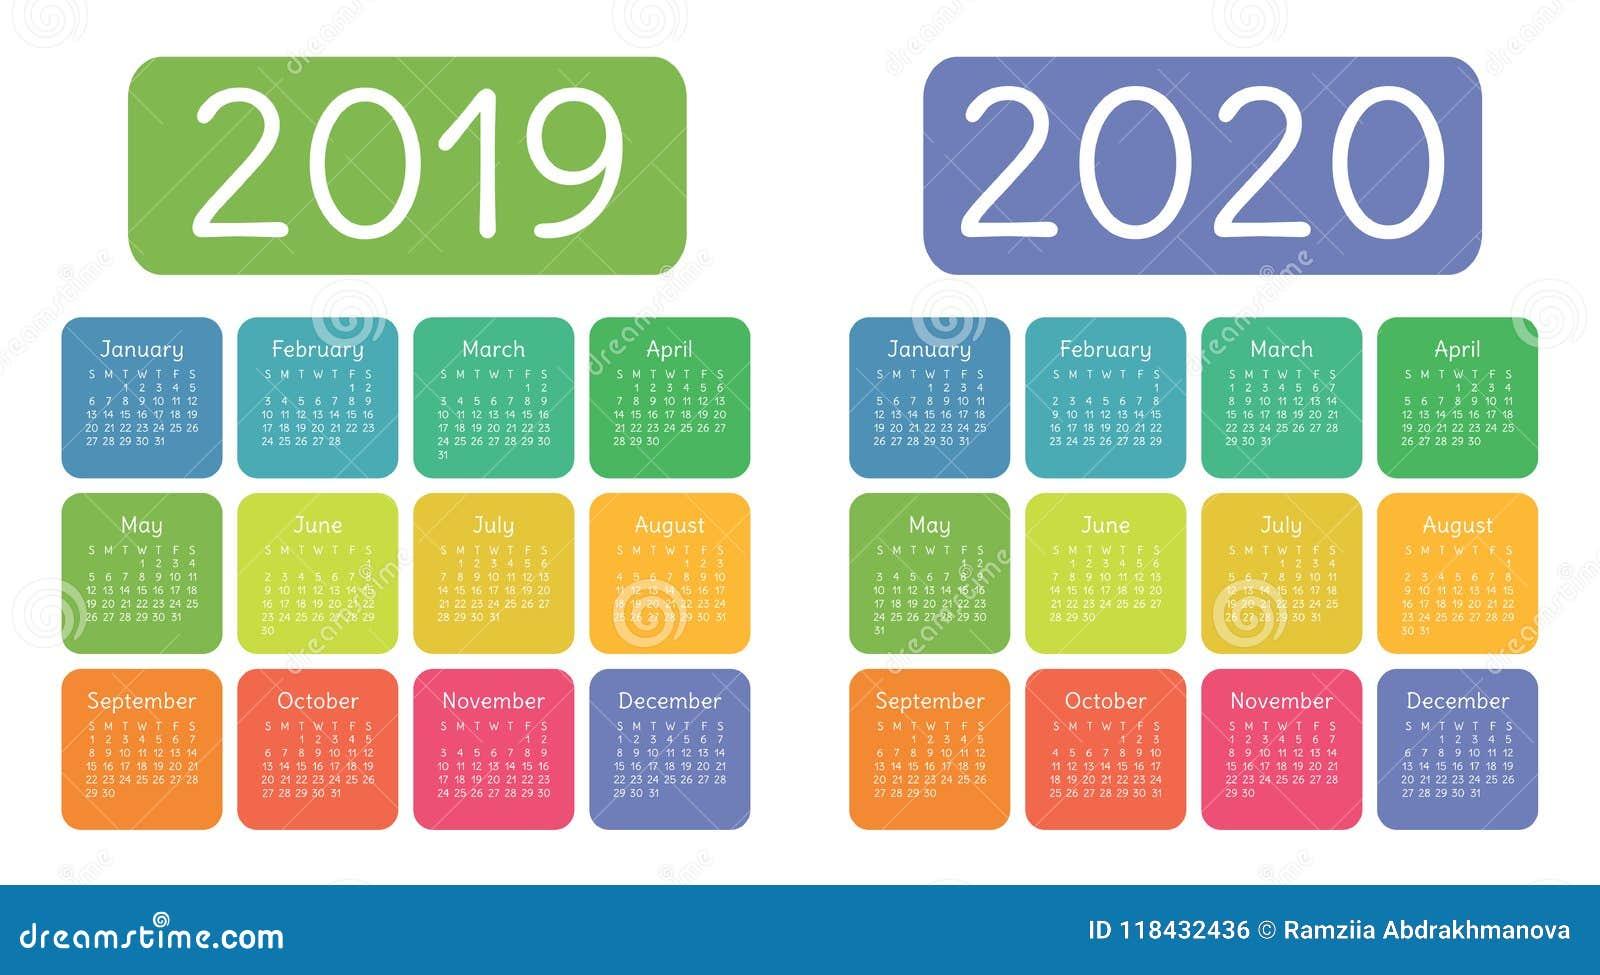 Ημερολόγιο 2019, 2020 έτη Ζωηρόχρωμο ημερολογιακό σύνολο Ενάρξεις εβδομάδας επάνω